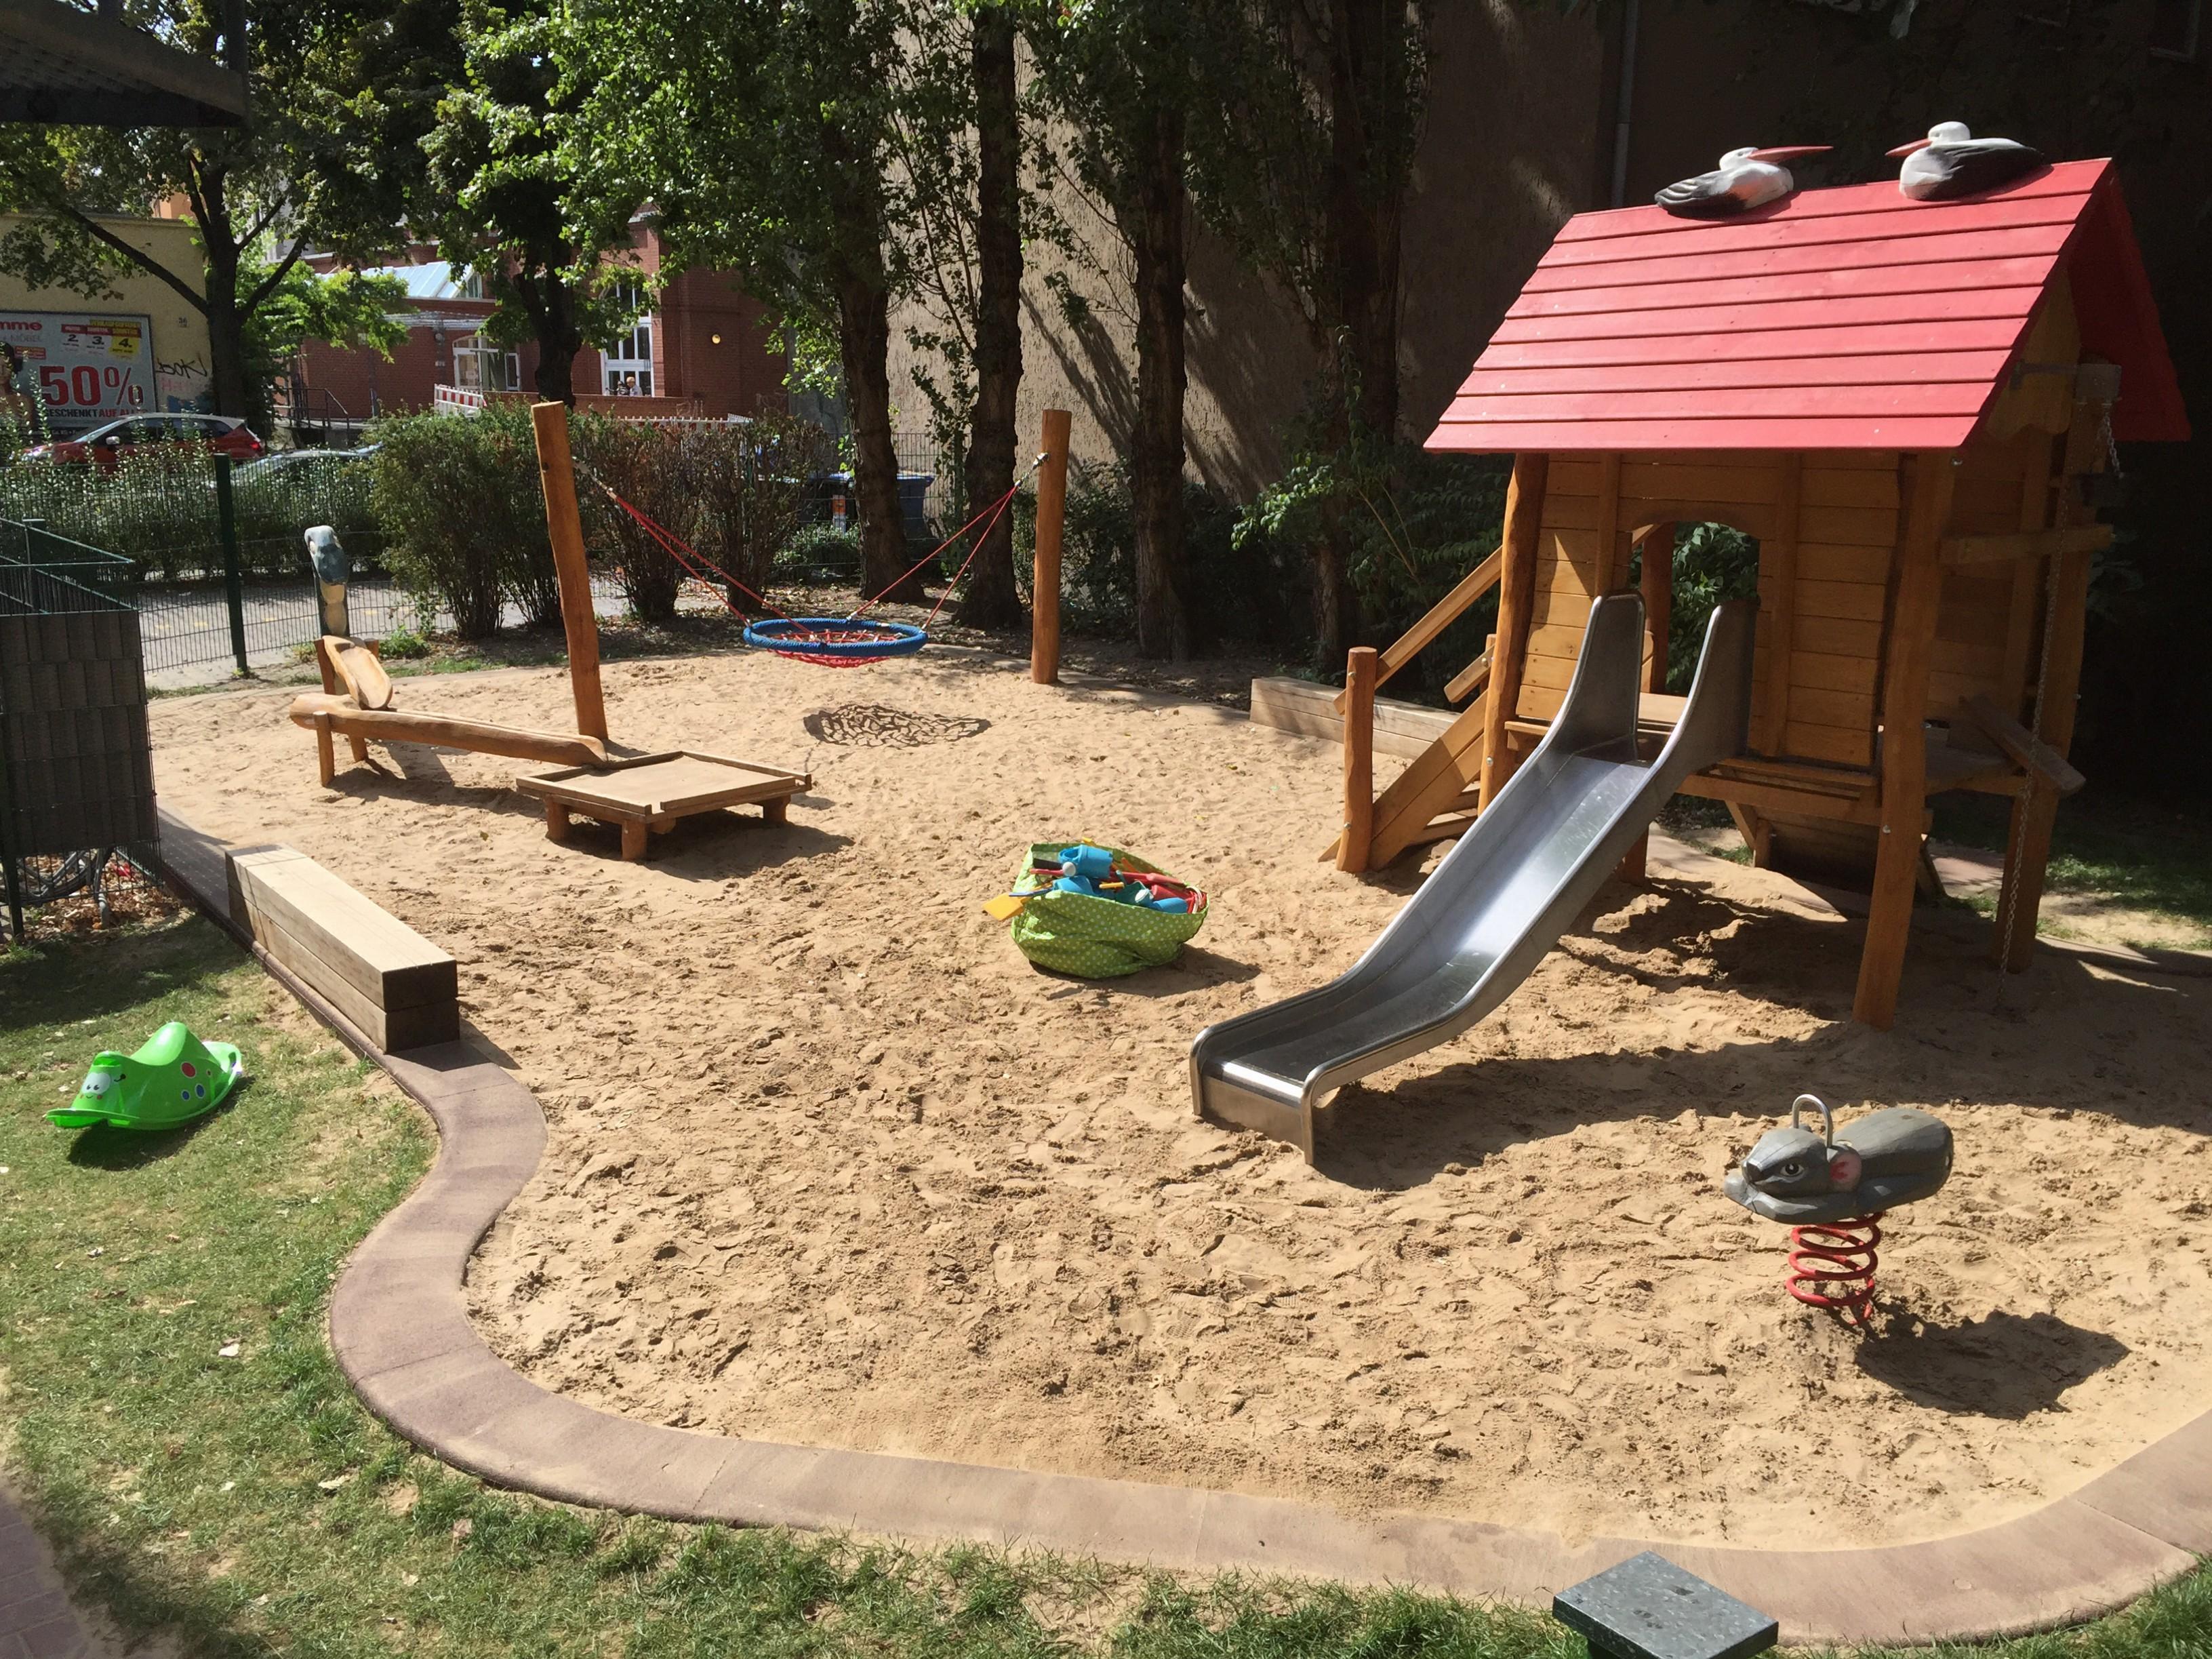 Auch die Harten komm' in Garten! - Mitten in der Stadt und dennoch ein eigener privater Spielplatz! In diesen haben sich nicht nur unsere Kinder verliebt!